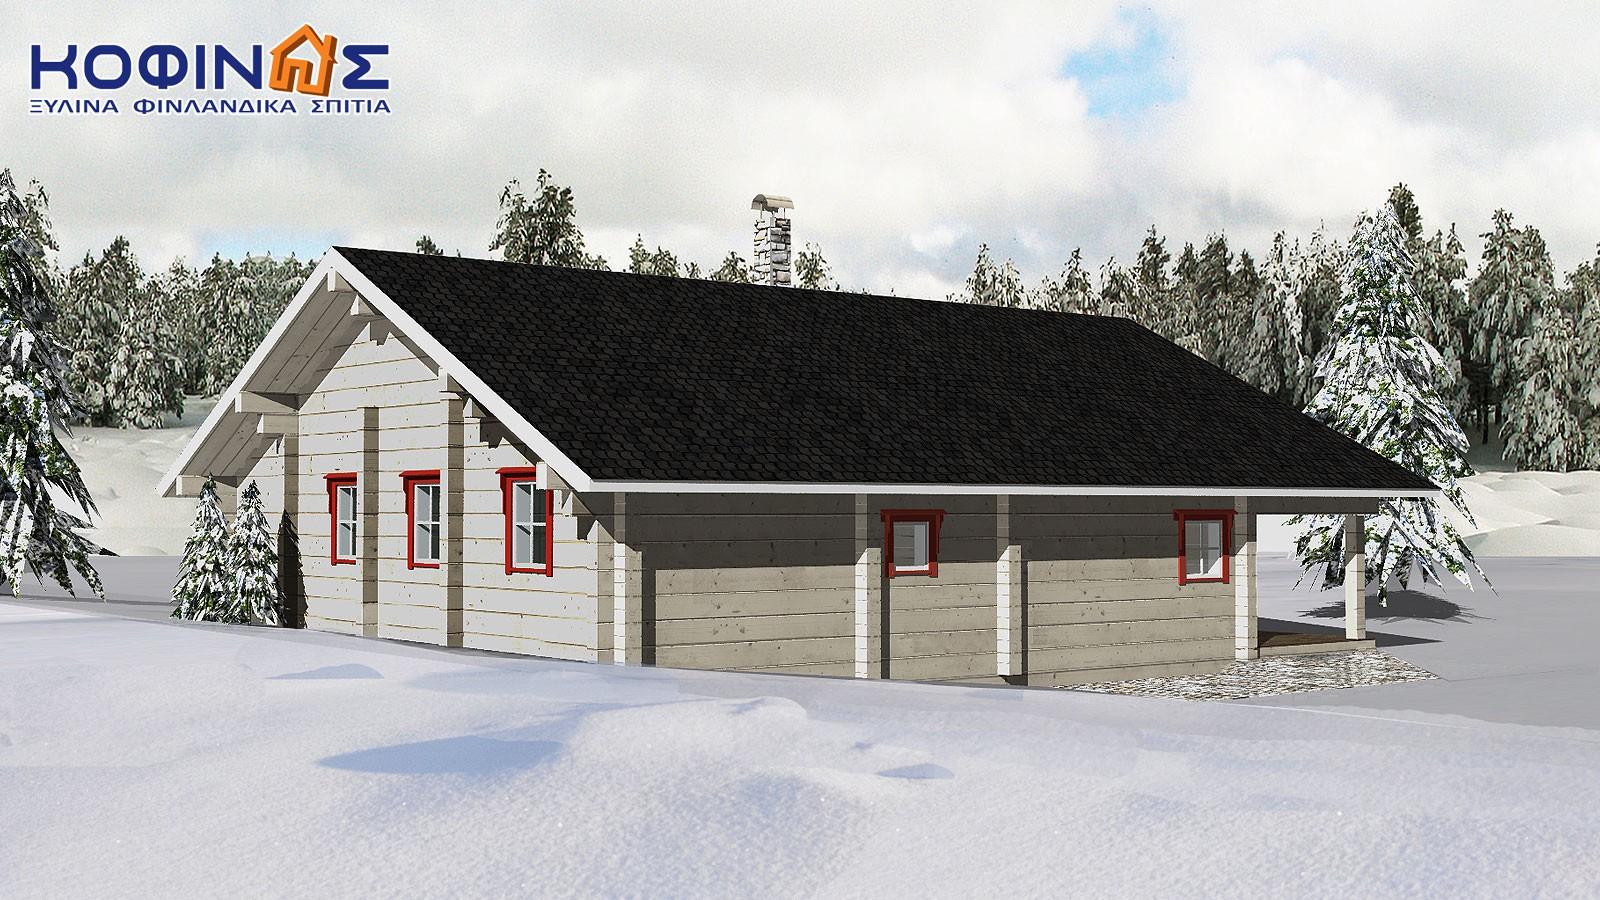 Ισόγεια Ξύλινη Κατοικία XI-92, συνολικής επιφάνειας 92,00 τ.μ.1